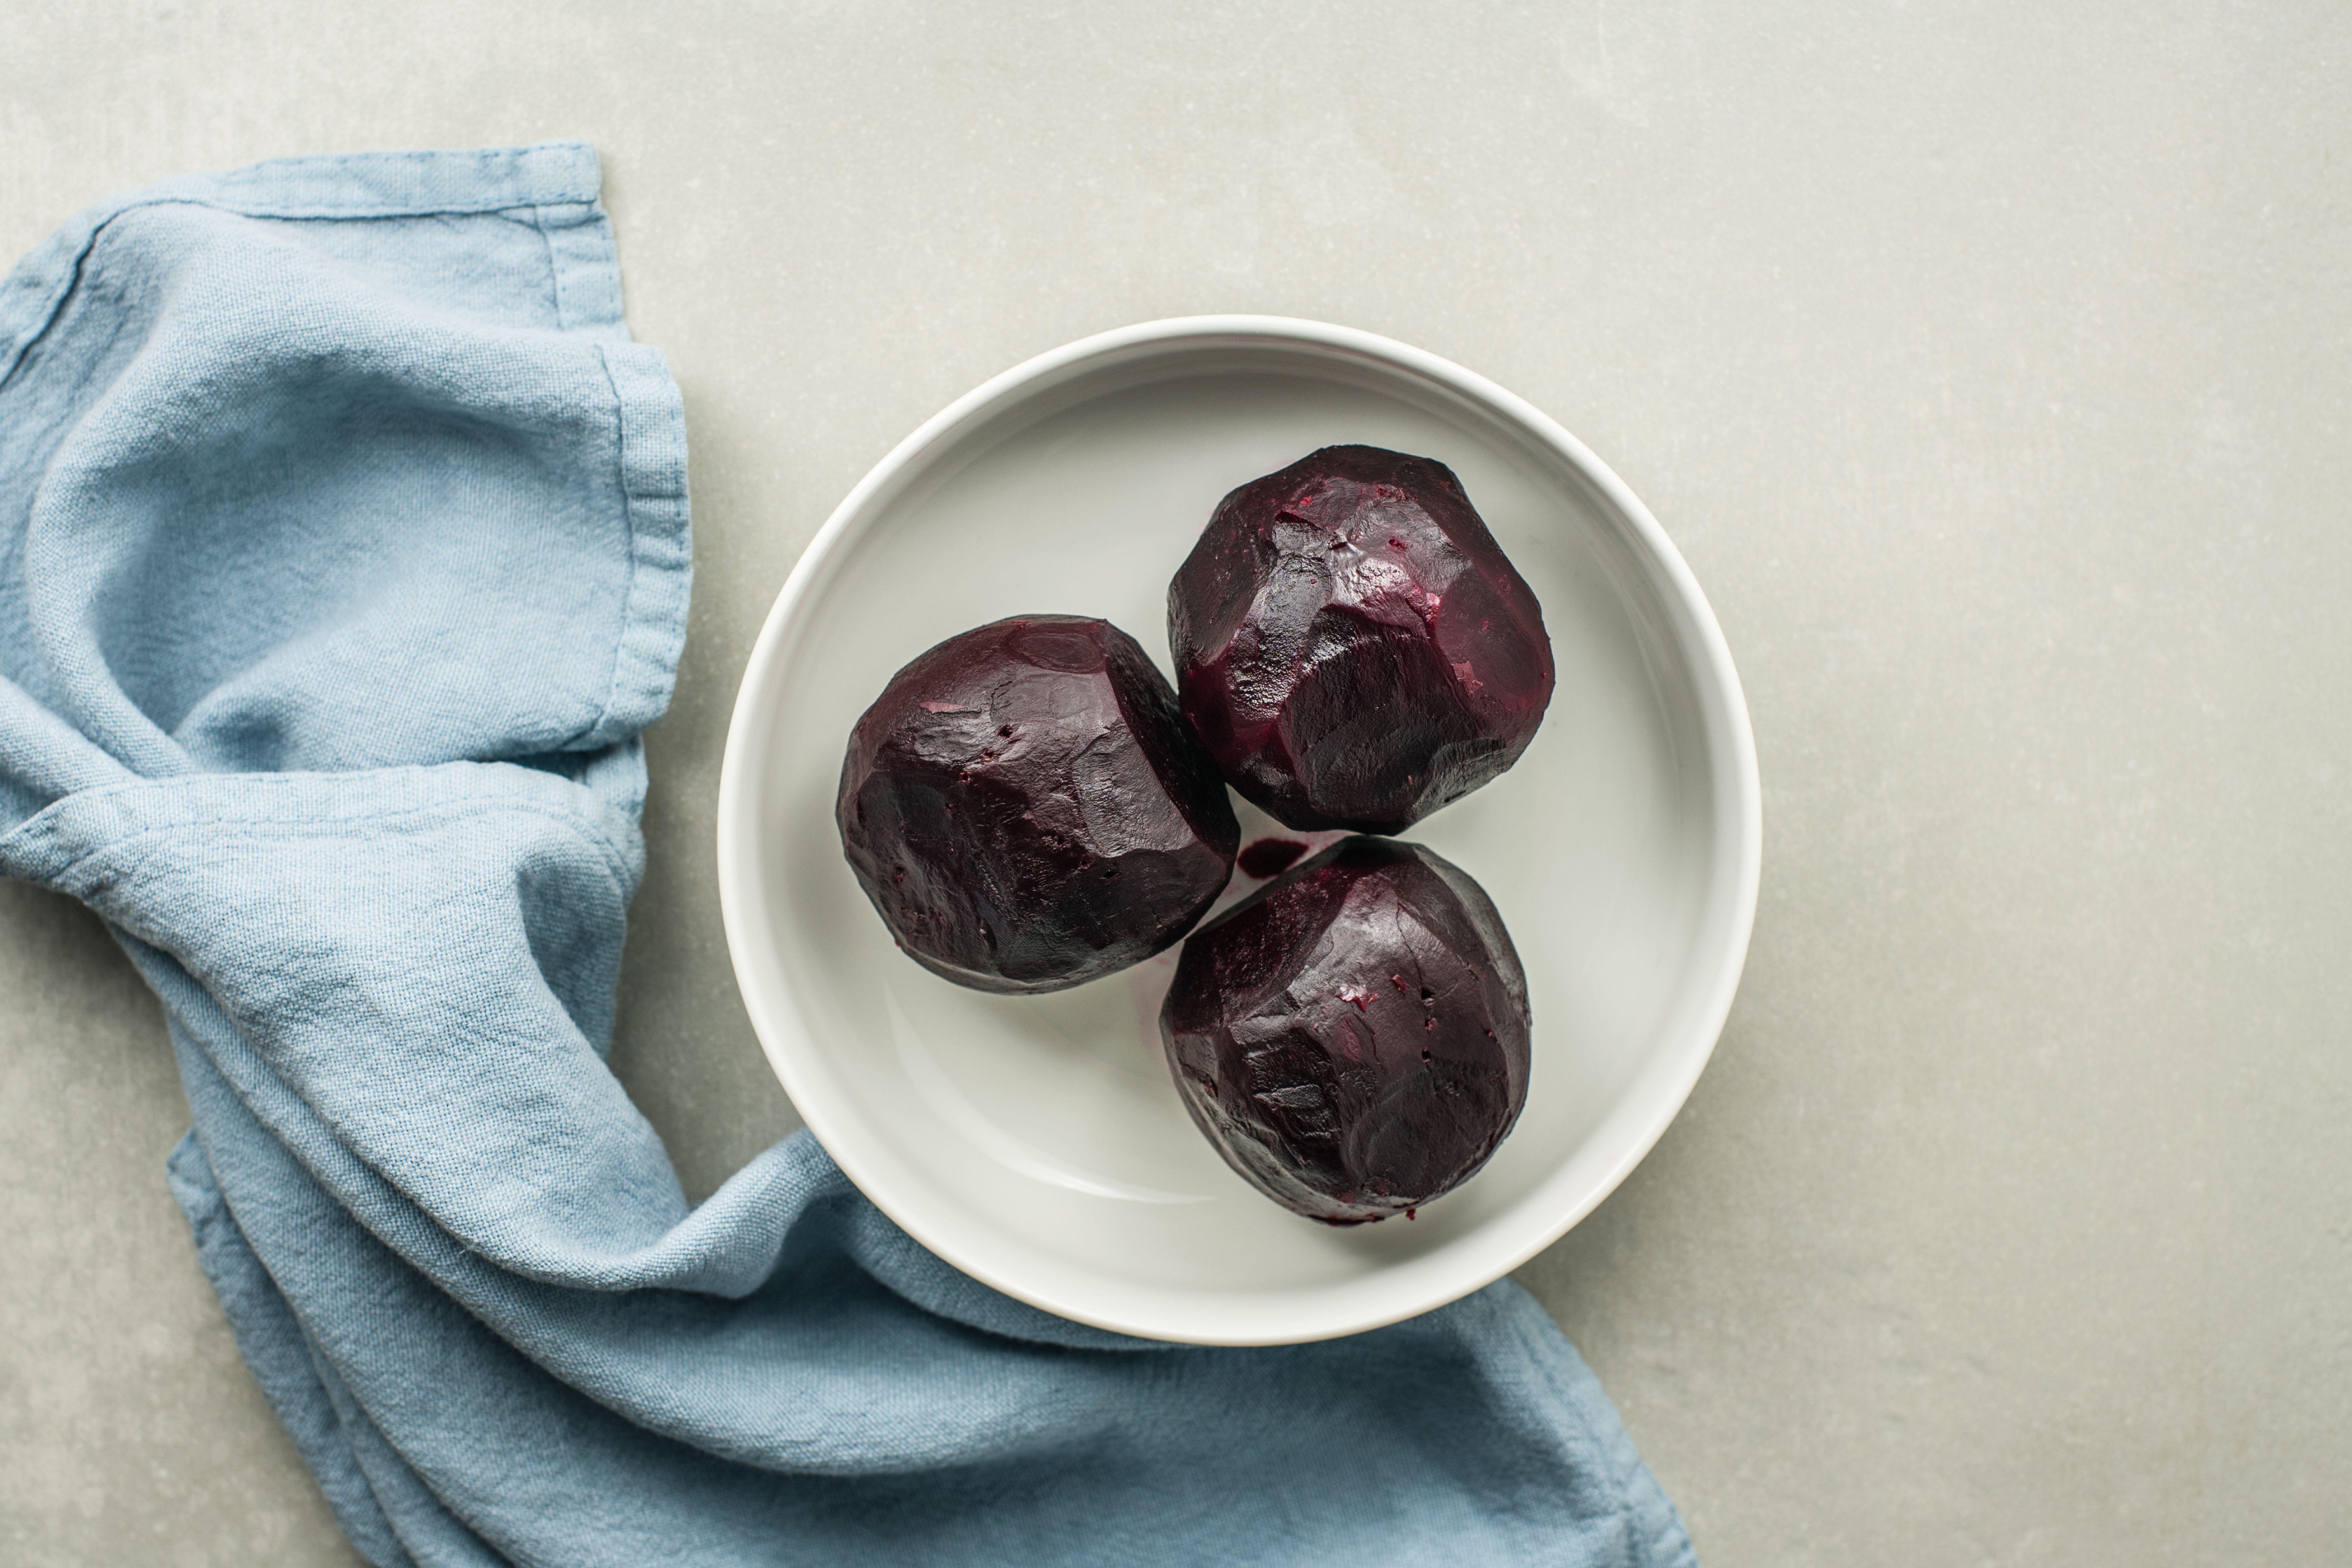 slip off skins of beets